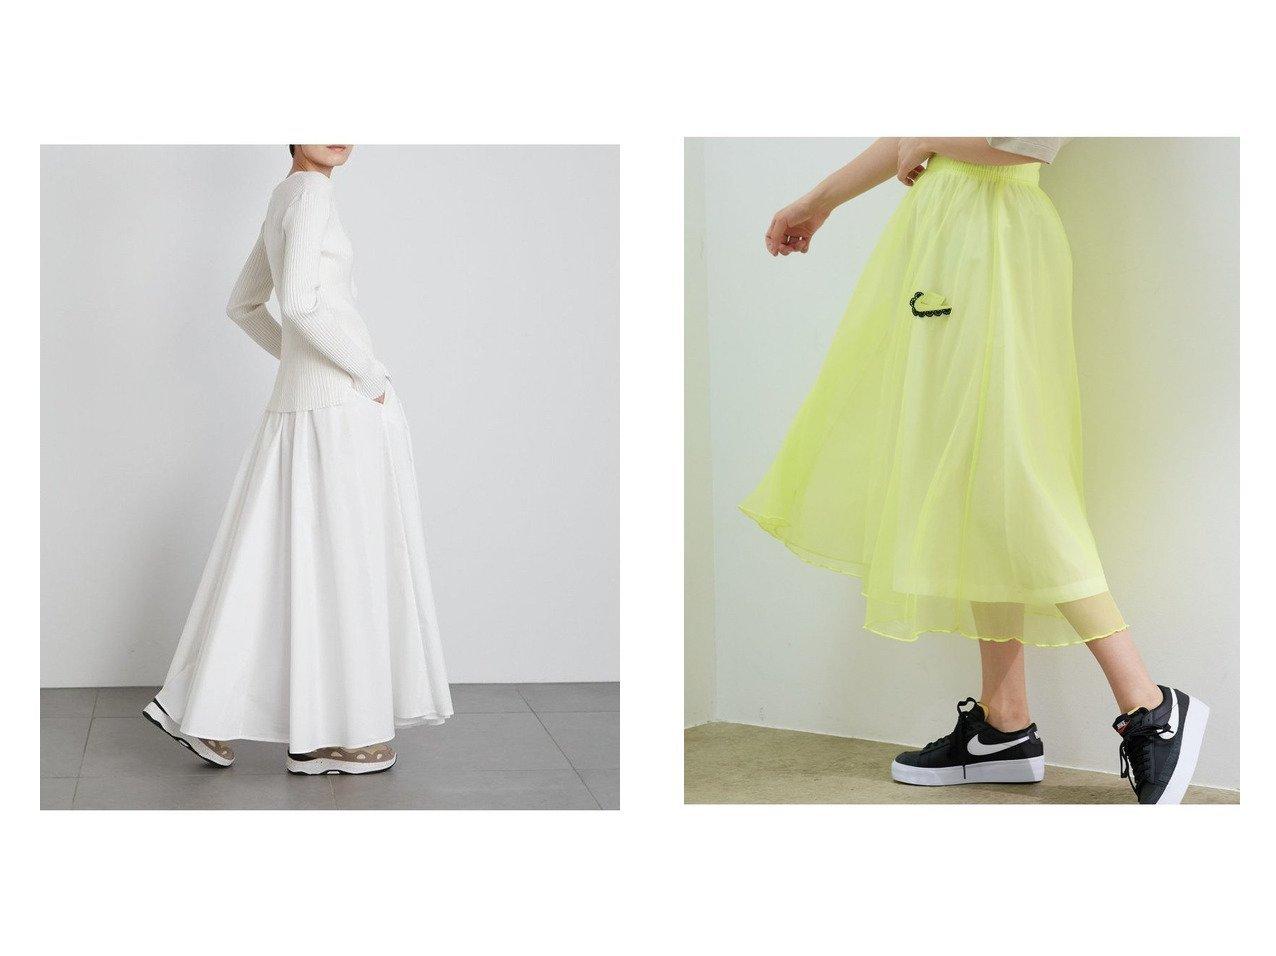 【NIKE/ナイキ】の【NIKE】ナイキ ウィメンズ NSW ウーブン スカート&【emmi/エミ】の【emmi atelier】タフタギャザースカート 【スカート】おすすめ!人気、トレンド・レディースファッションの通販 おすすめで人気の流行・トレンド、ファッションの通販商品 インテリア・家具・メンズファッション・キッズファッション・レディースファッション・服の通販 founy(ファニー) https://founy.com/ ファッション Fashion レディースファッション WOMEN スカート Skirt ロングスカート Long Skirt イエロー インナー 軽量 チュール テクスチャー トリミング フィット ポケット ミックス レース ウォッシャブル ギャザー タフタ フレア ロング |ID:crp329100000066337